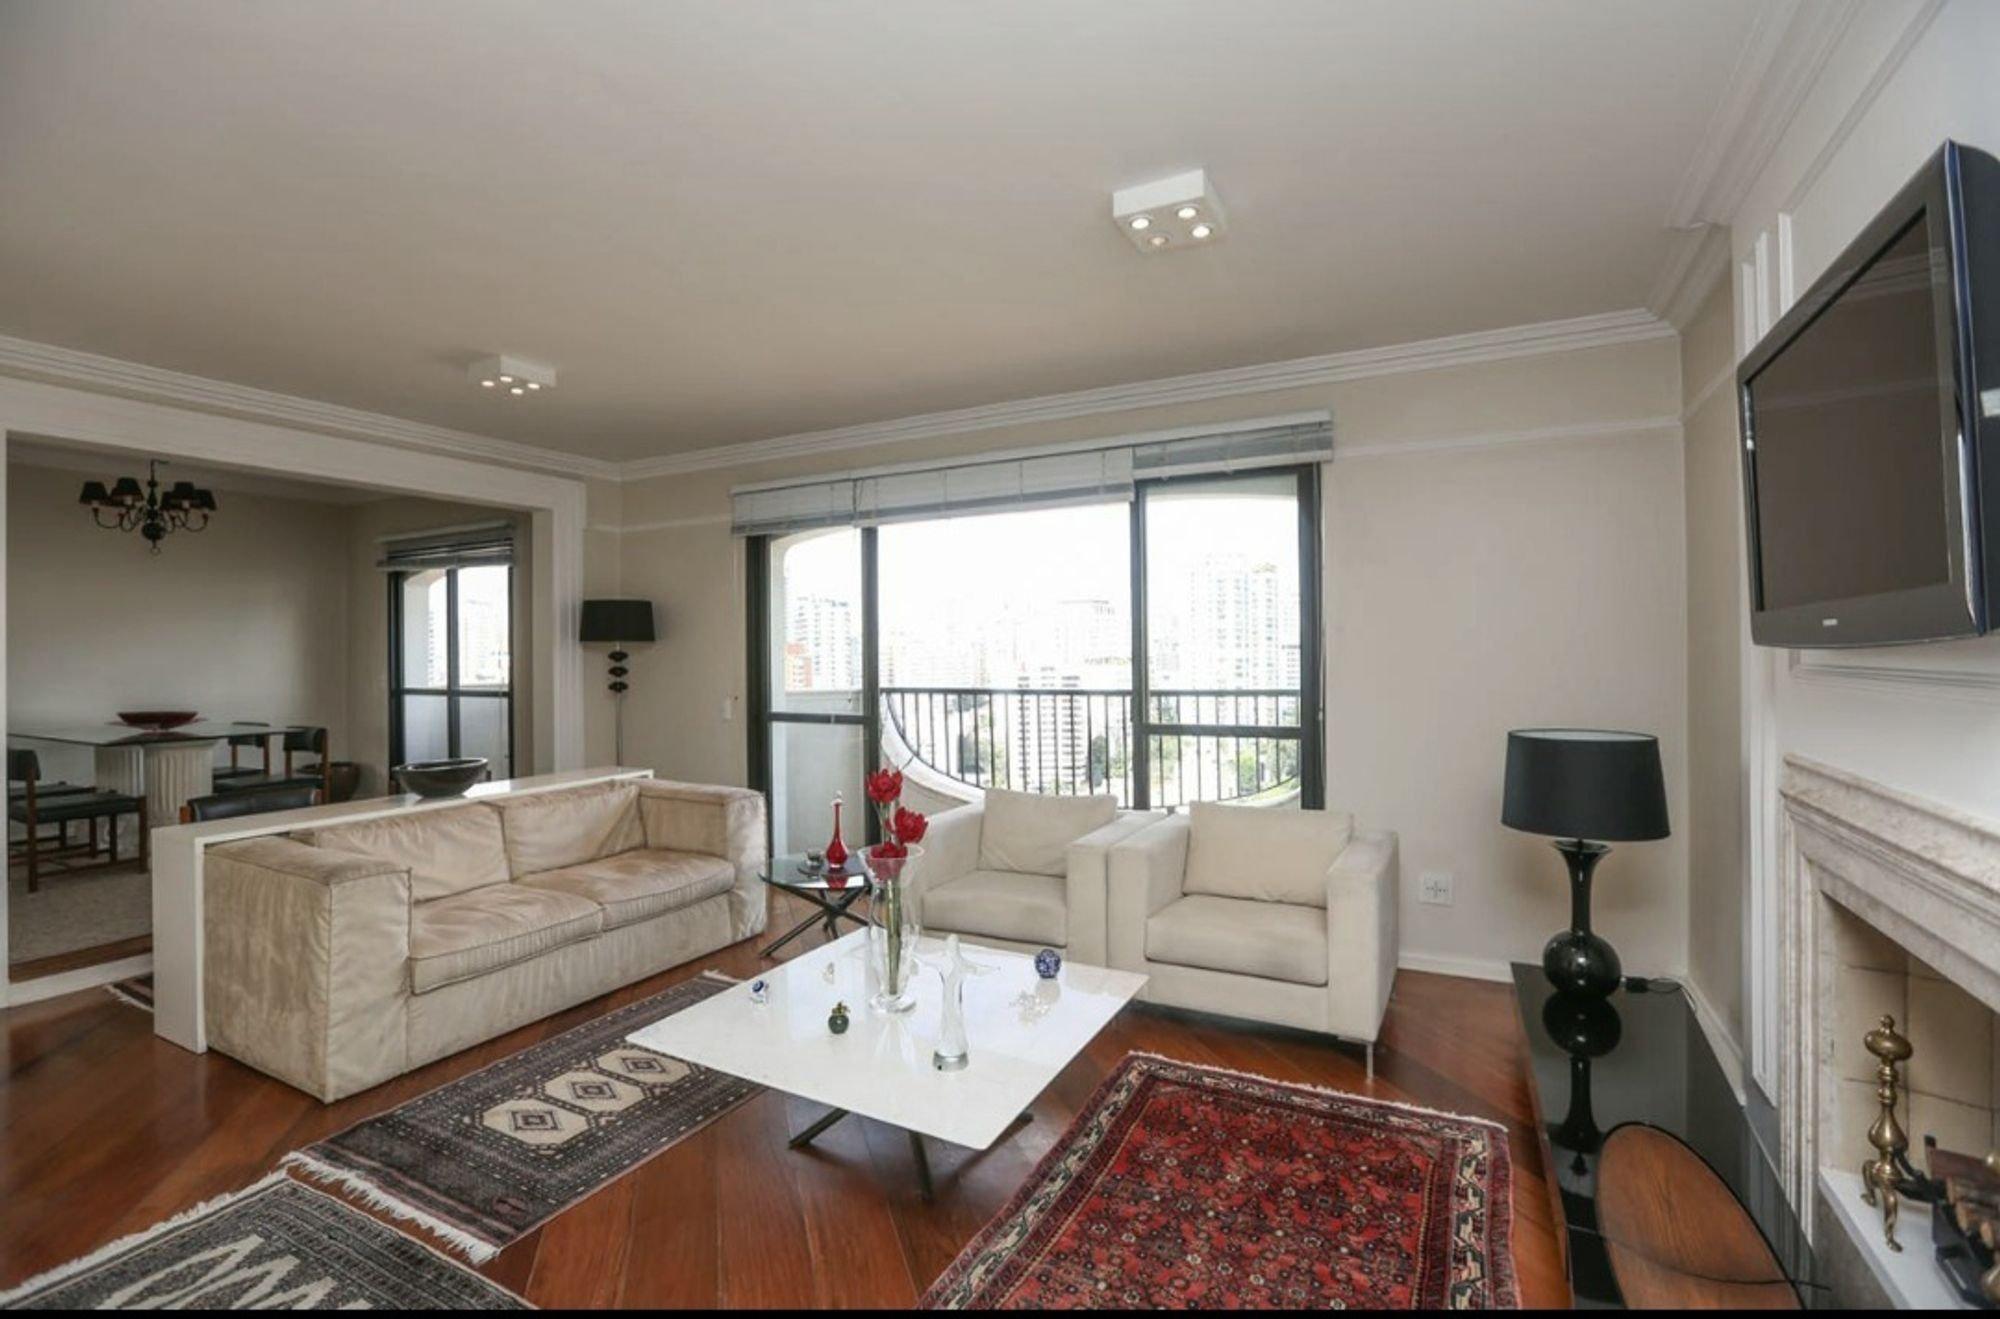 Foto de Sala com sofá, vaso, tigela, cadeira, mesa de jantar